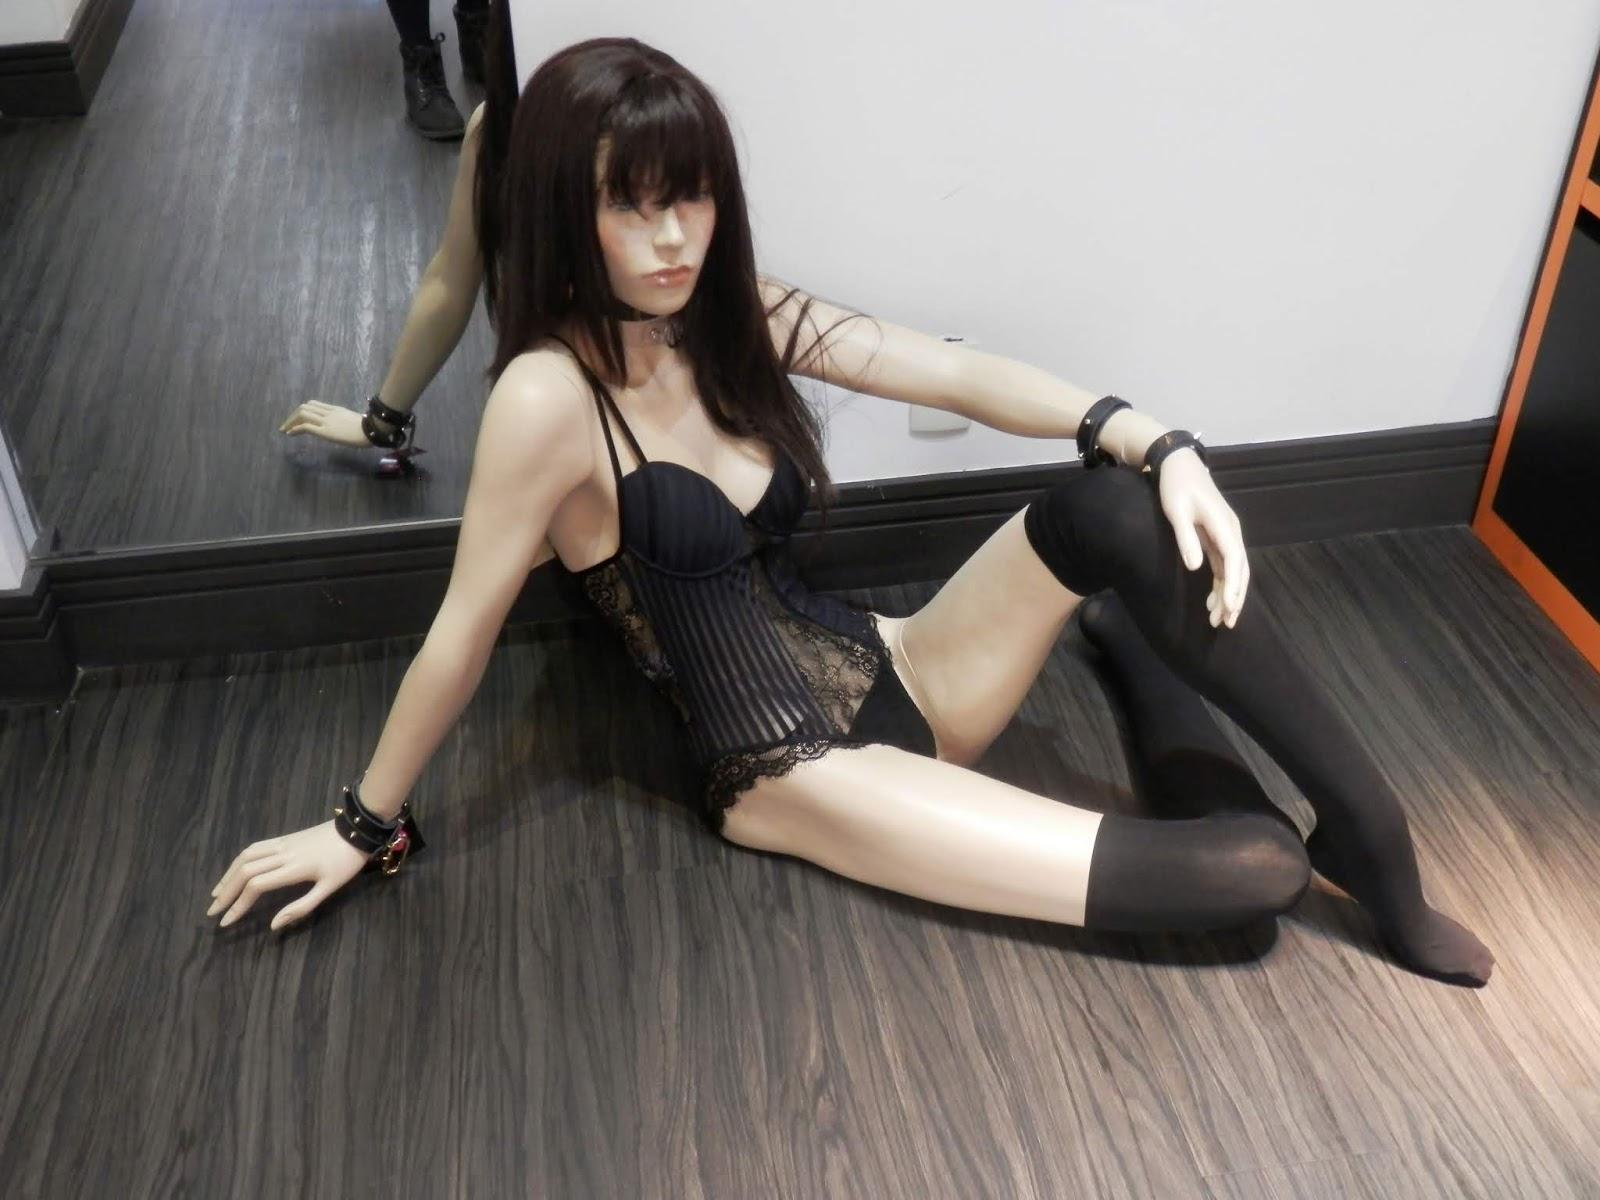 (+18 anos) Dia do orgasmo: Tour pela boutique erótica LoveToys